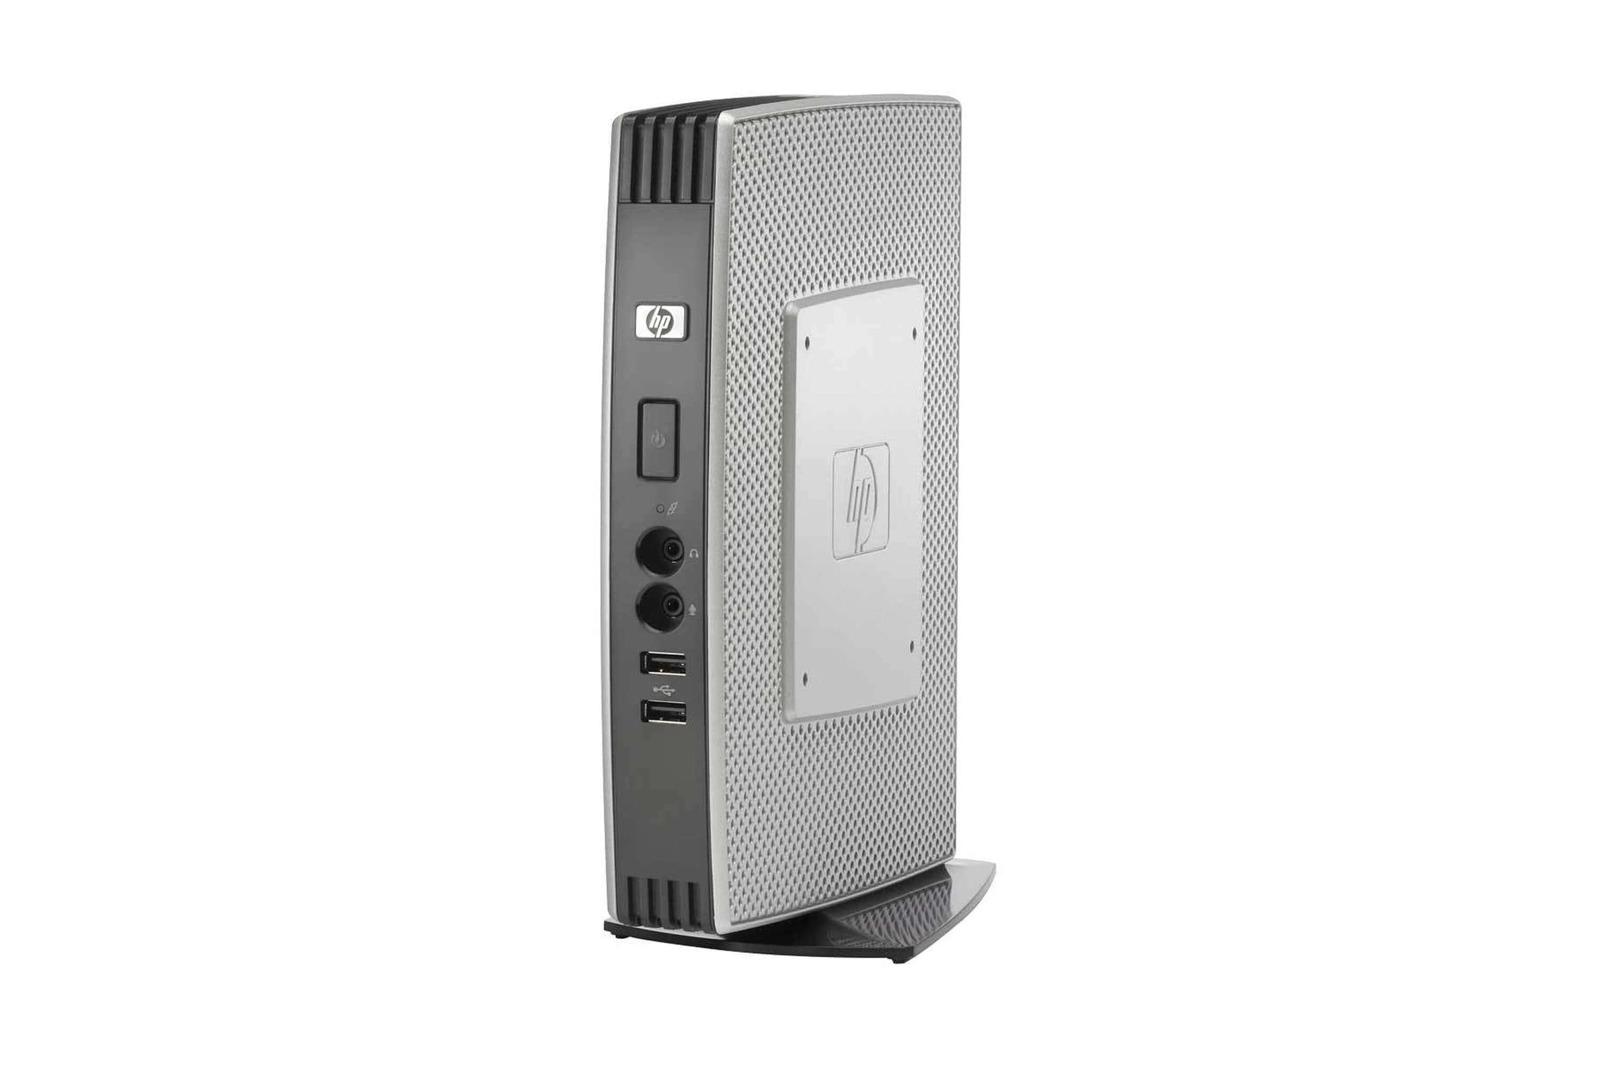 Cloud Clients HP Flexible Thin Client T5740 Intel Atom N280 1GB/2GB Windows LAN